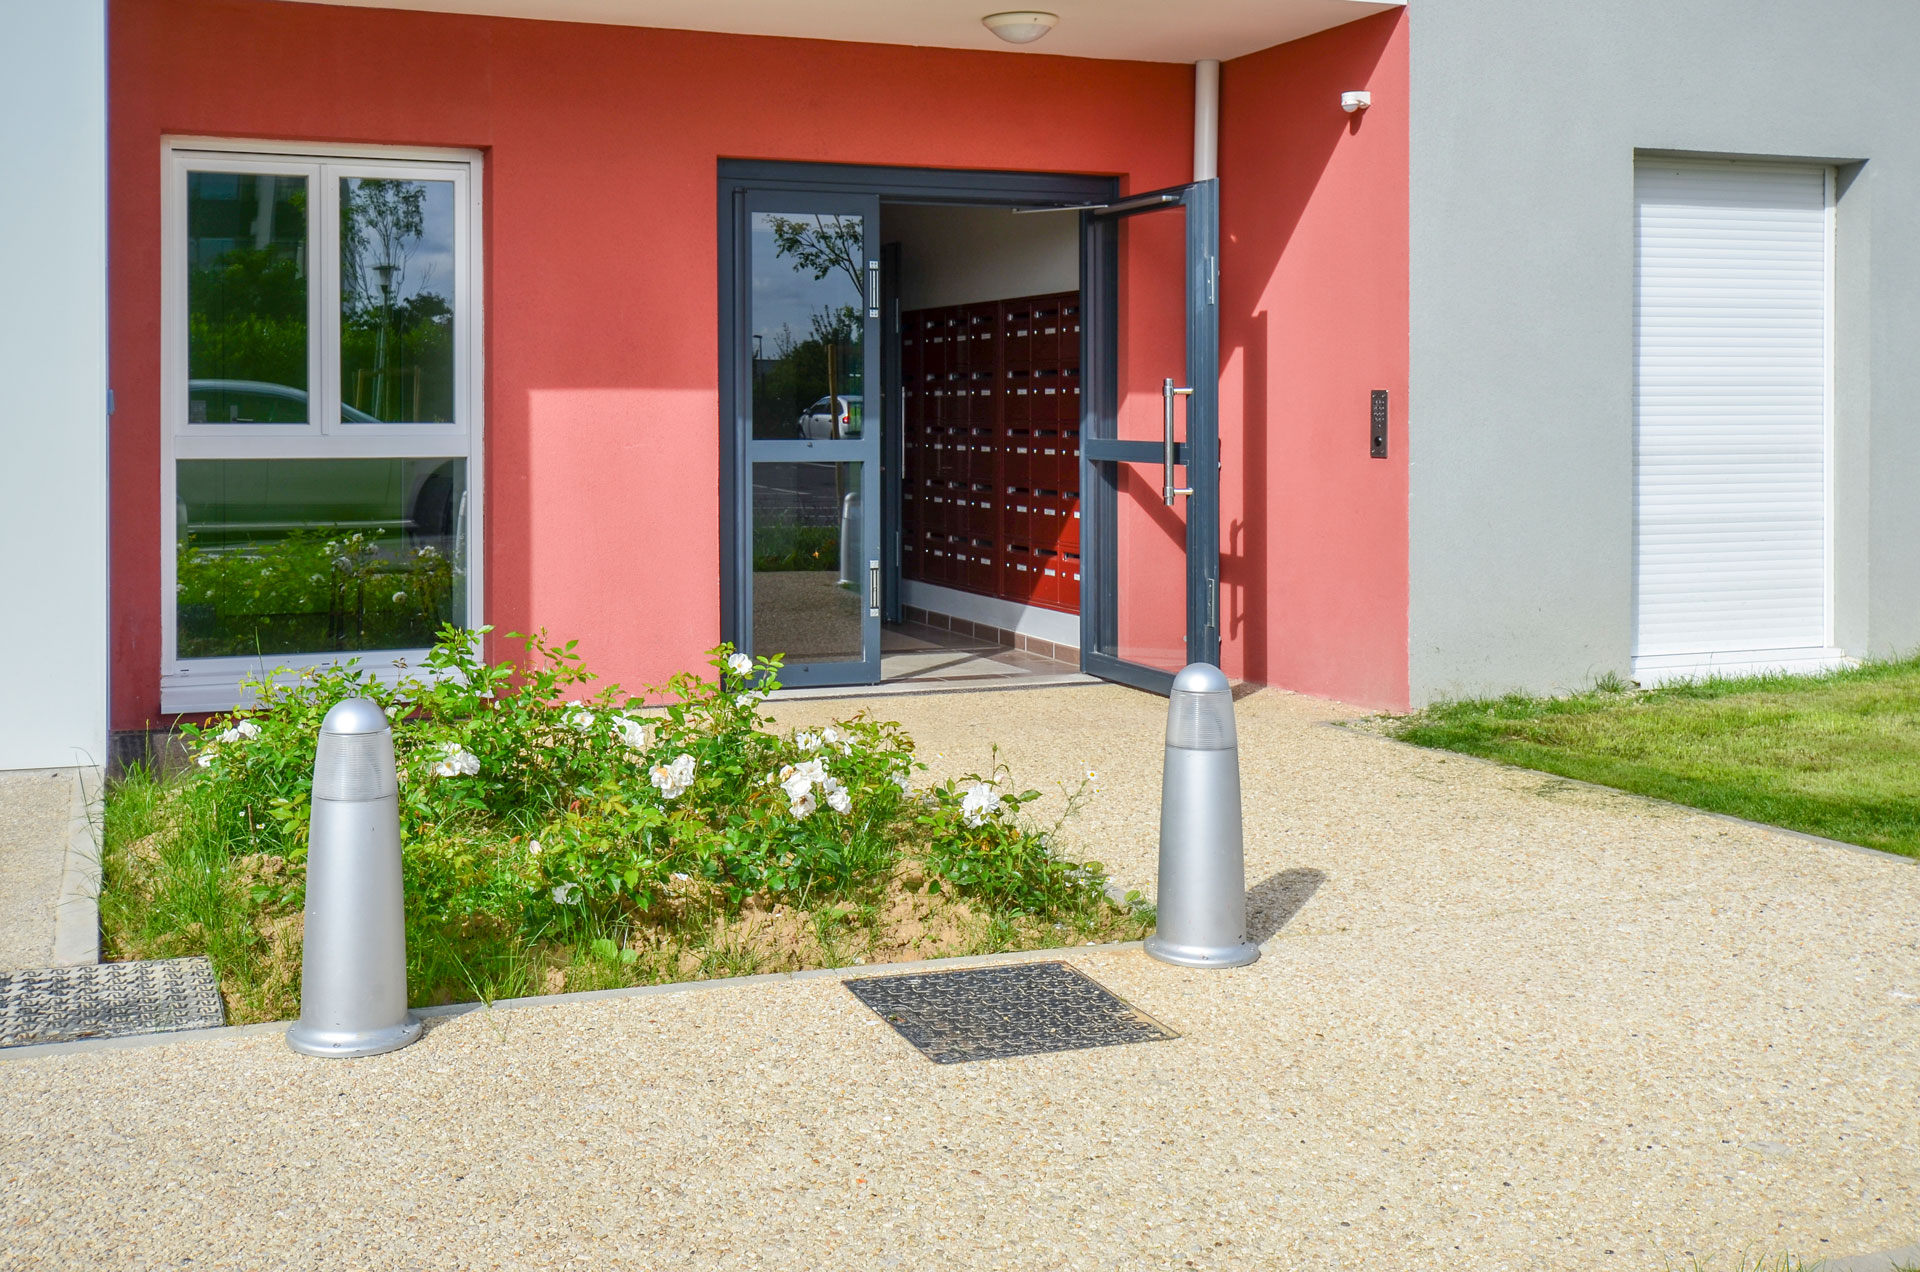 Vue de l'entrée la résidence de Villeneuve-Saint-Georges